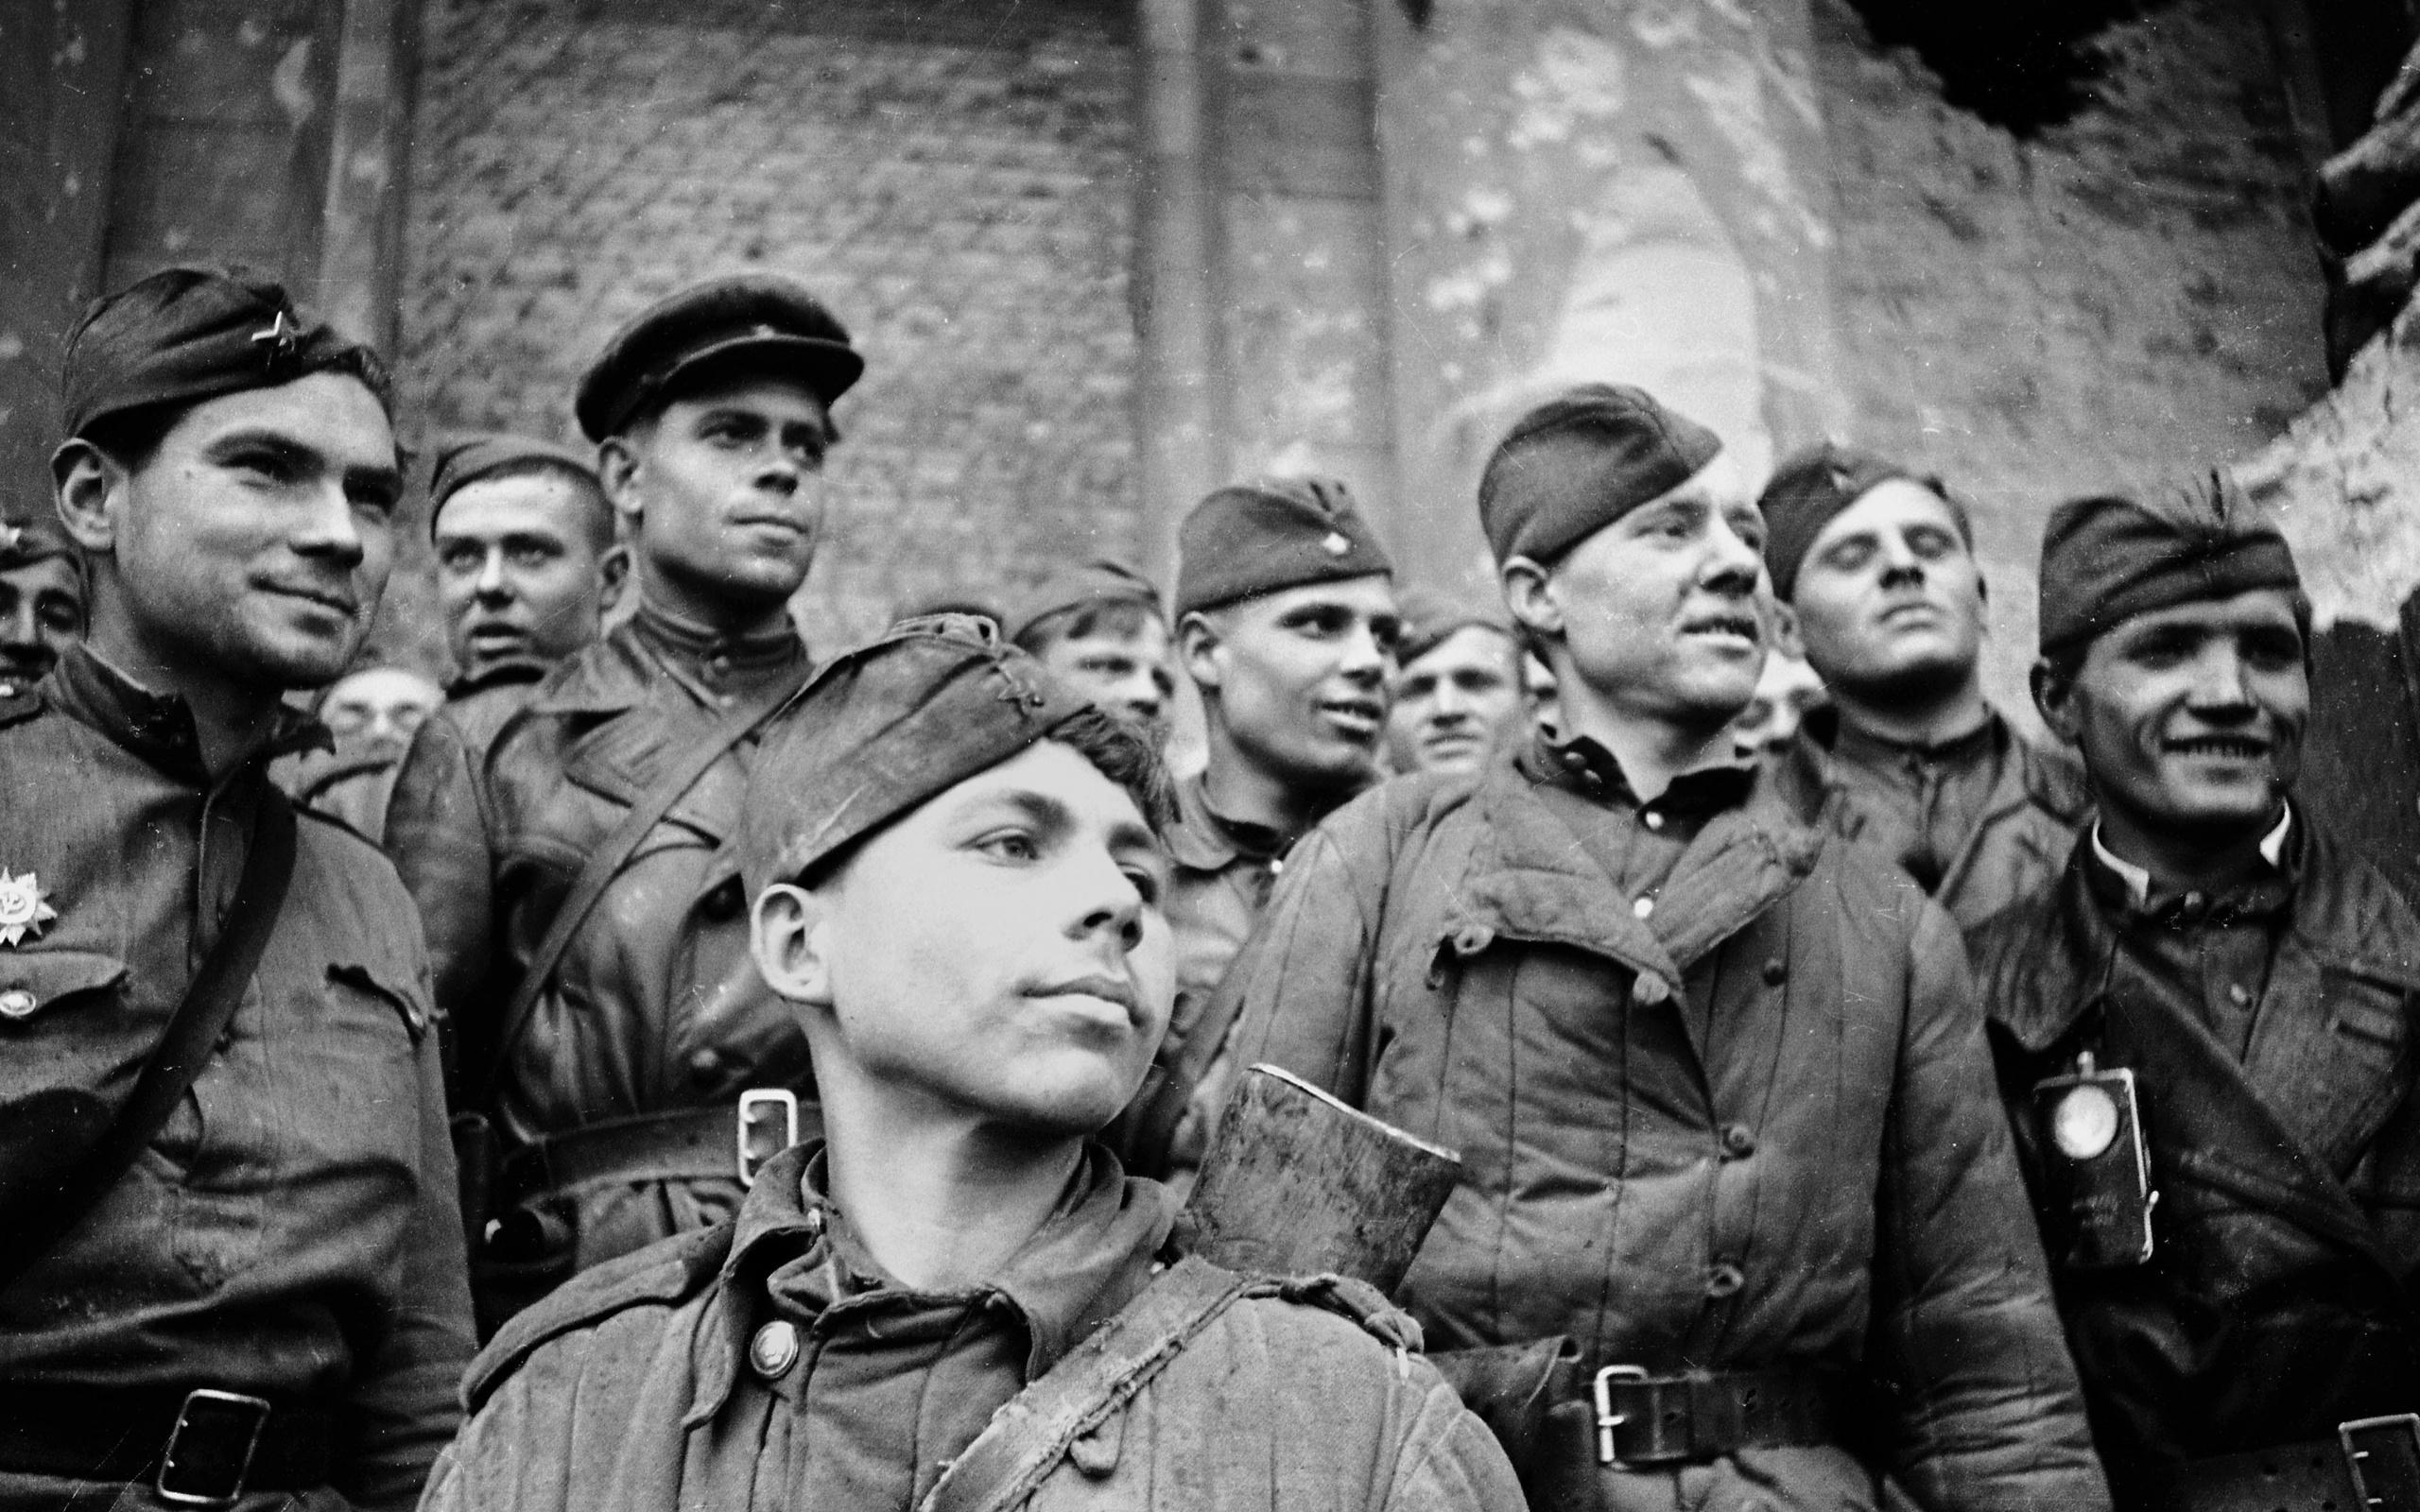 Стихи солдату поздравление солдата с днем рождения редко